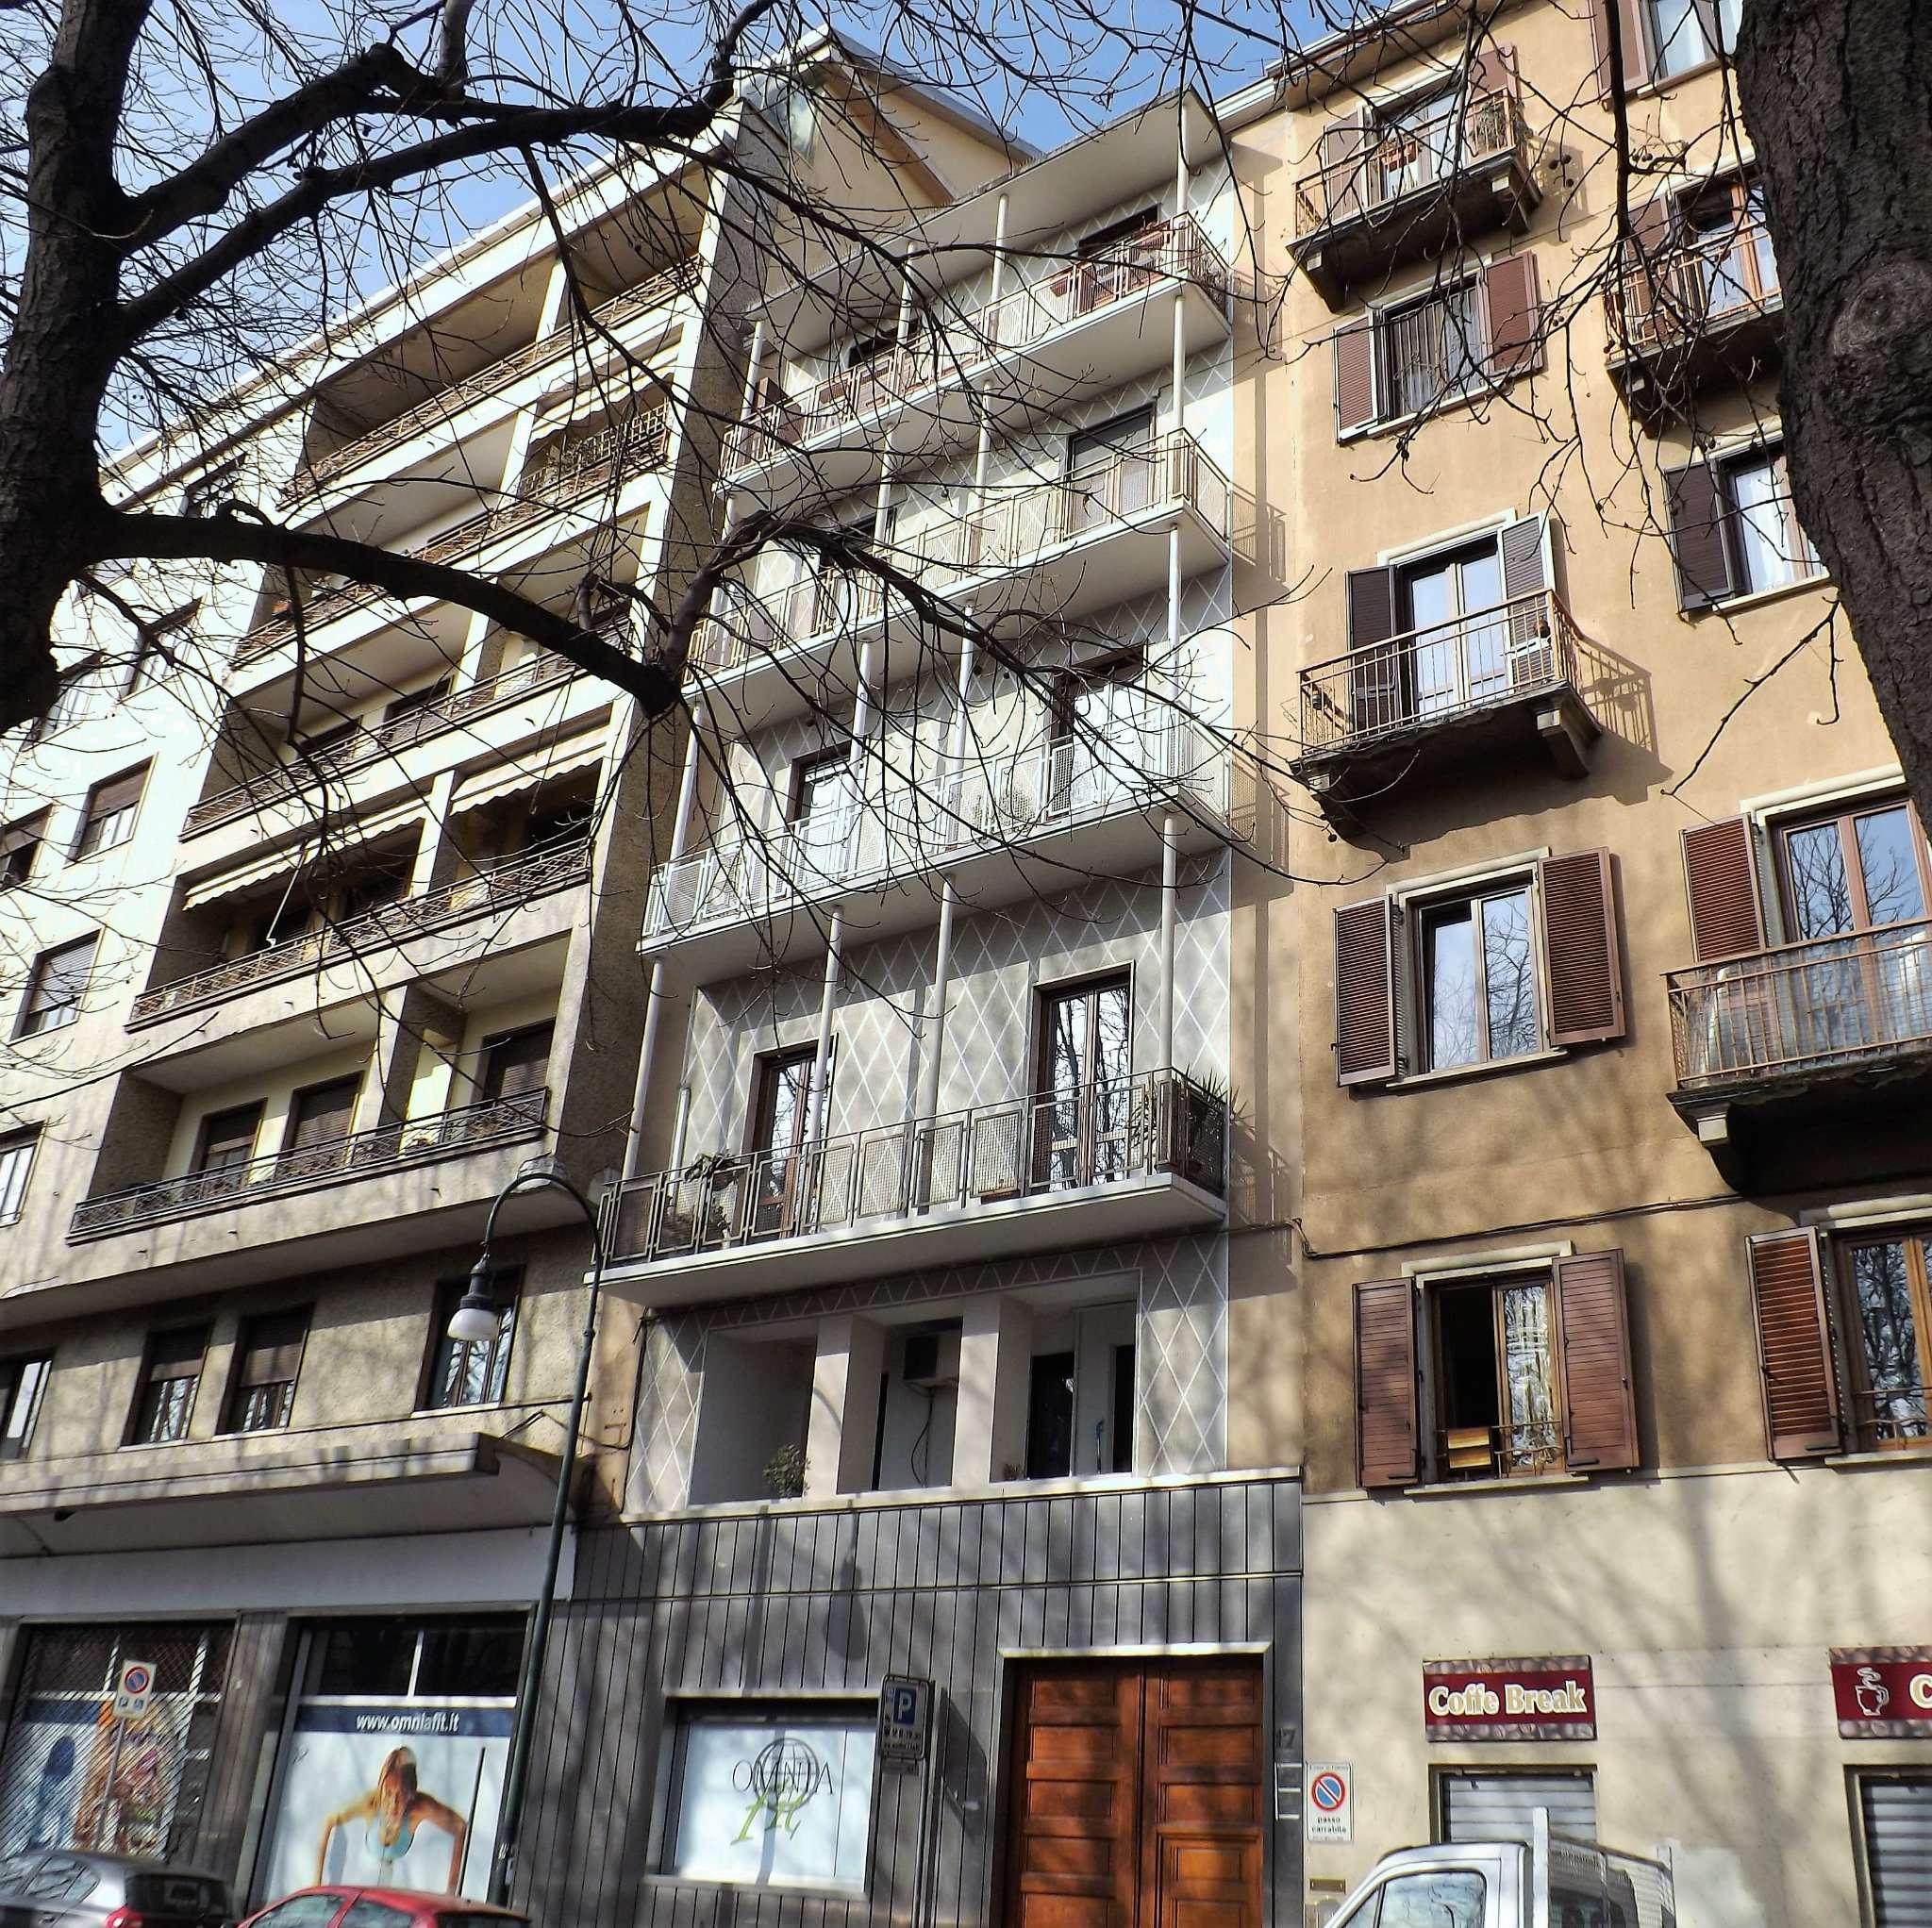 Appartamento in vendita a Torino, 6 locali, zona Zona: 1 . Centro, Quadrilatero Romano, Repubblica, Giardini Reali, prezzo € 262.000 | Cambio Casa.it